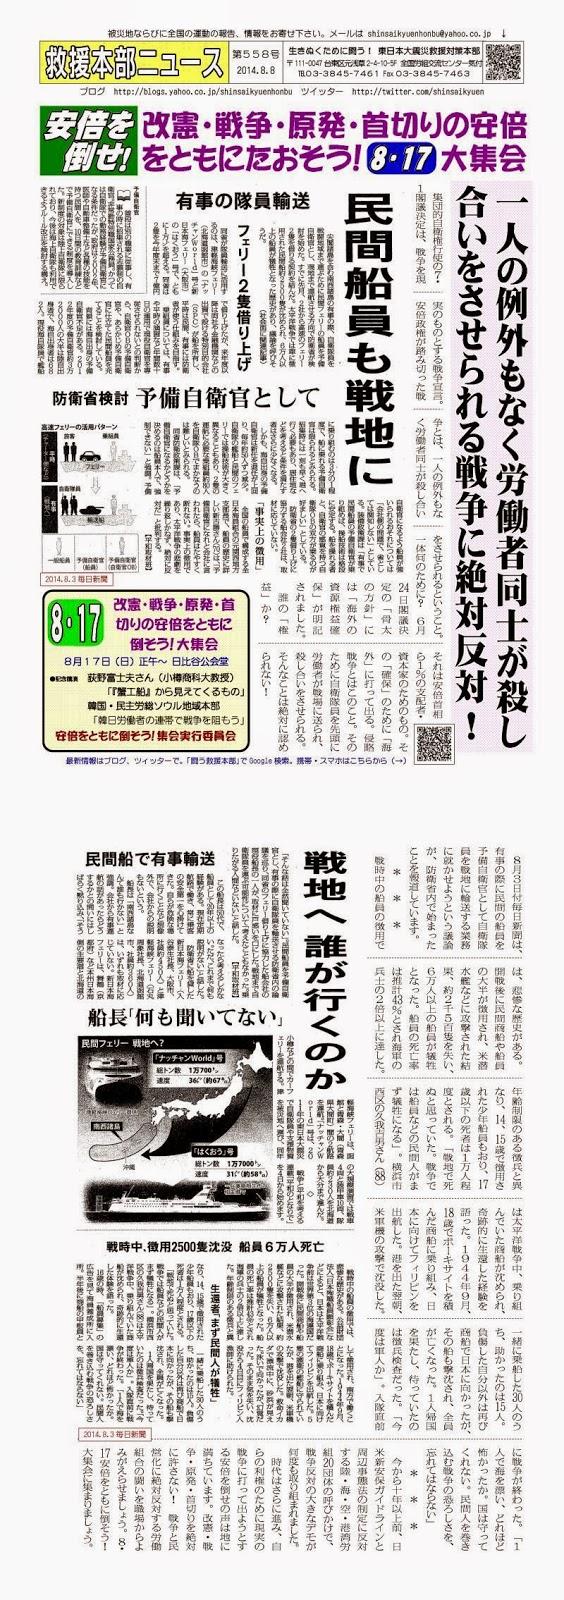 http://blogs.yahoo.co.jp/shinsaikyuenhonbu/12443564.html